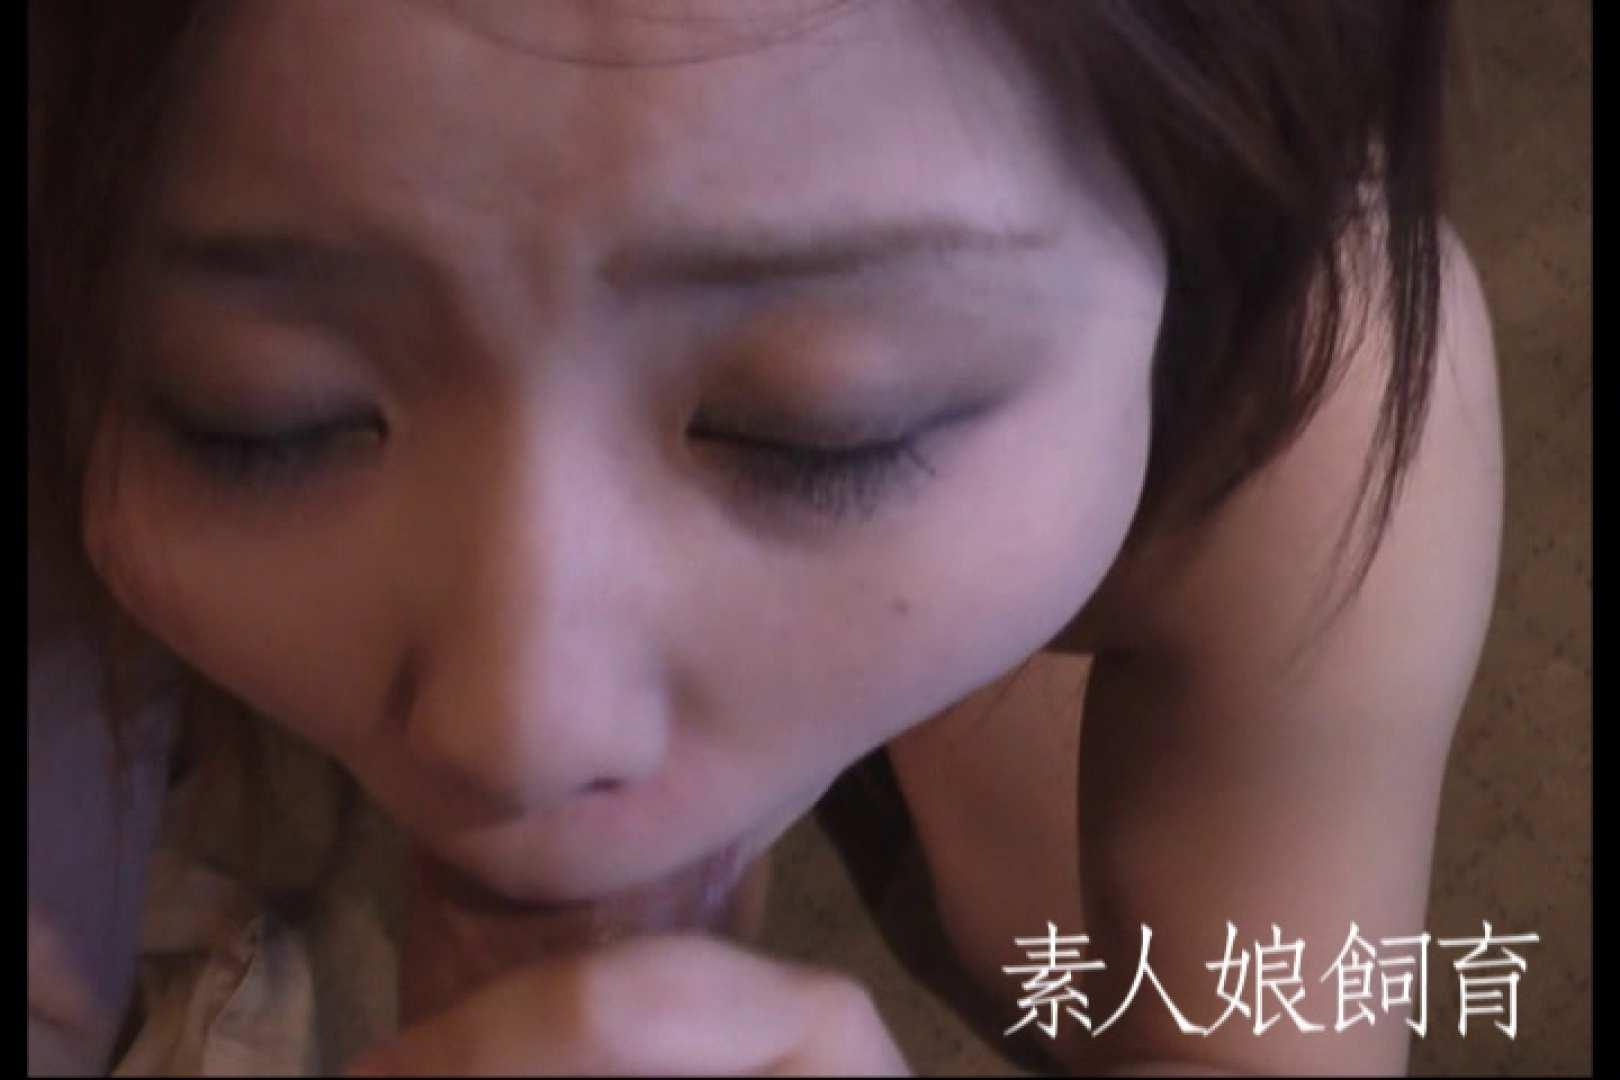 素人嬢飼育~お前の餌は他人棒~貸出しイラマチオ ラブホテル隠し撮り AV動画キャプチャ 83pic 62